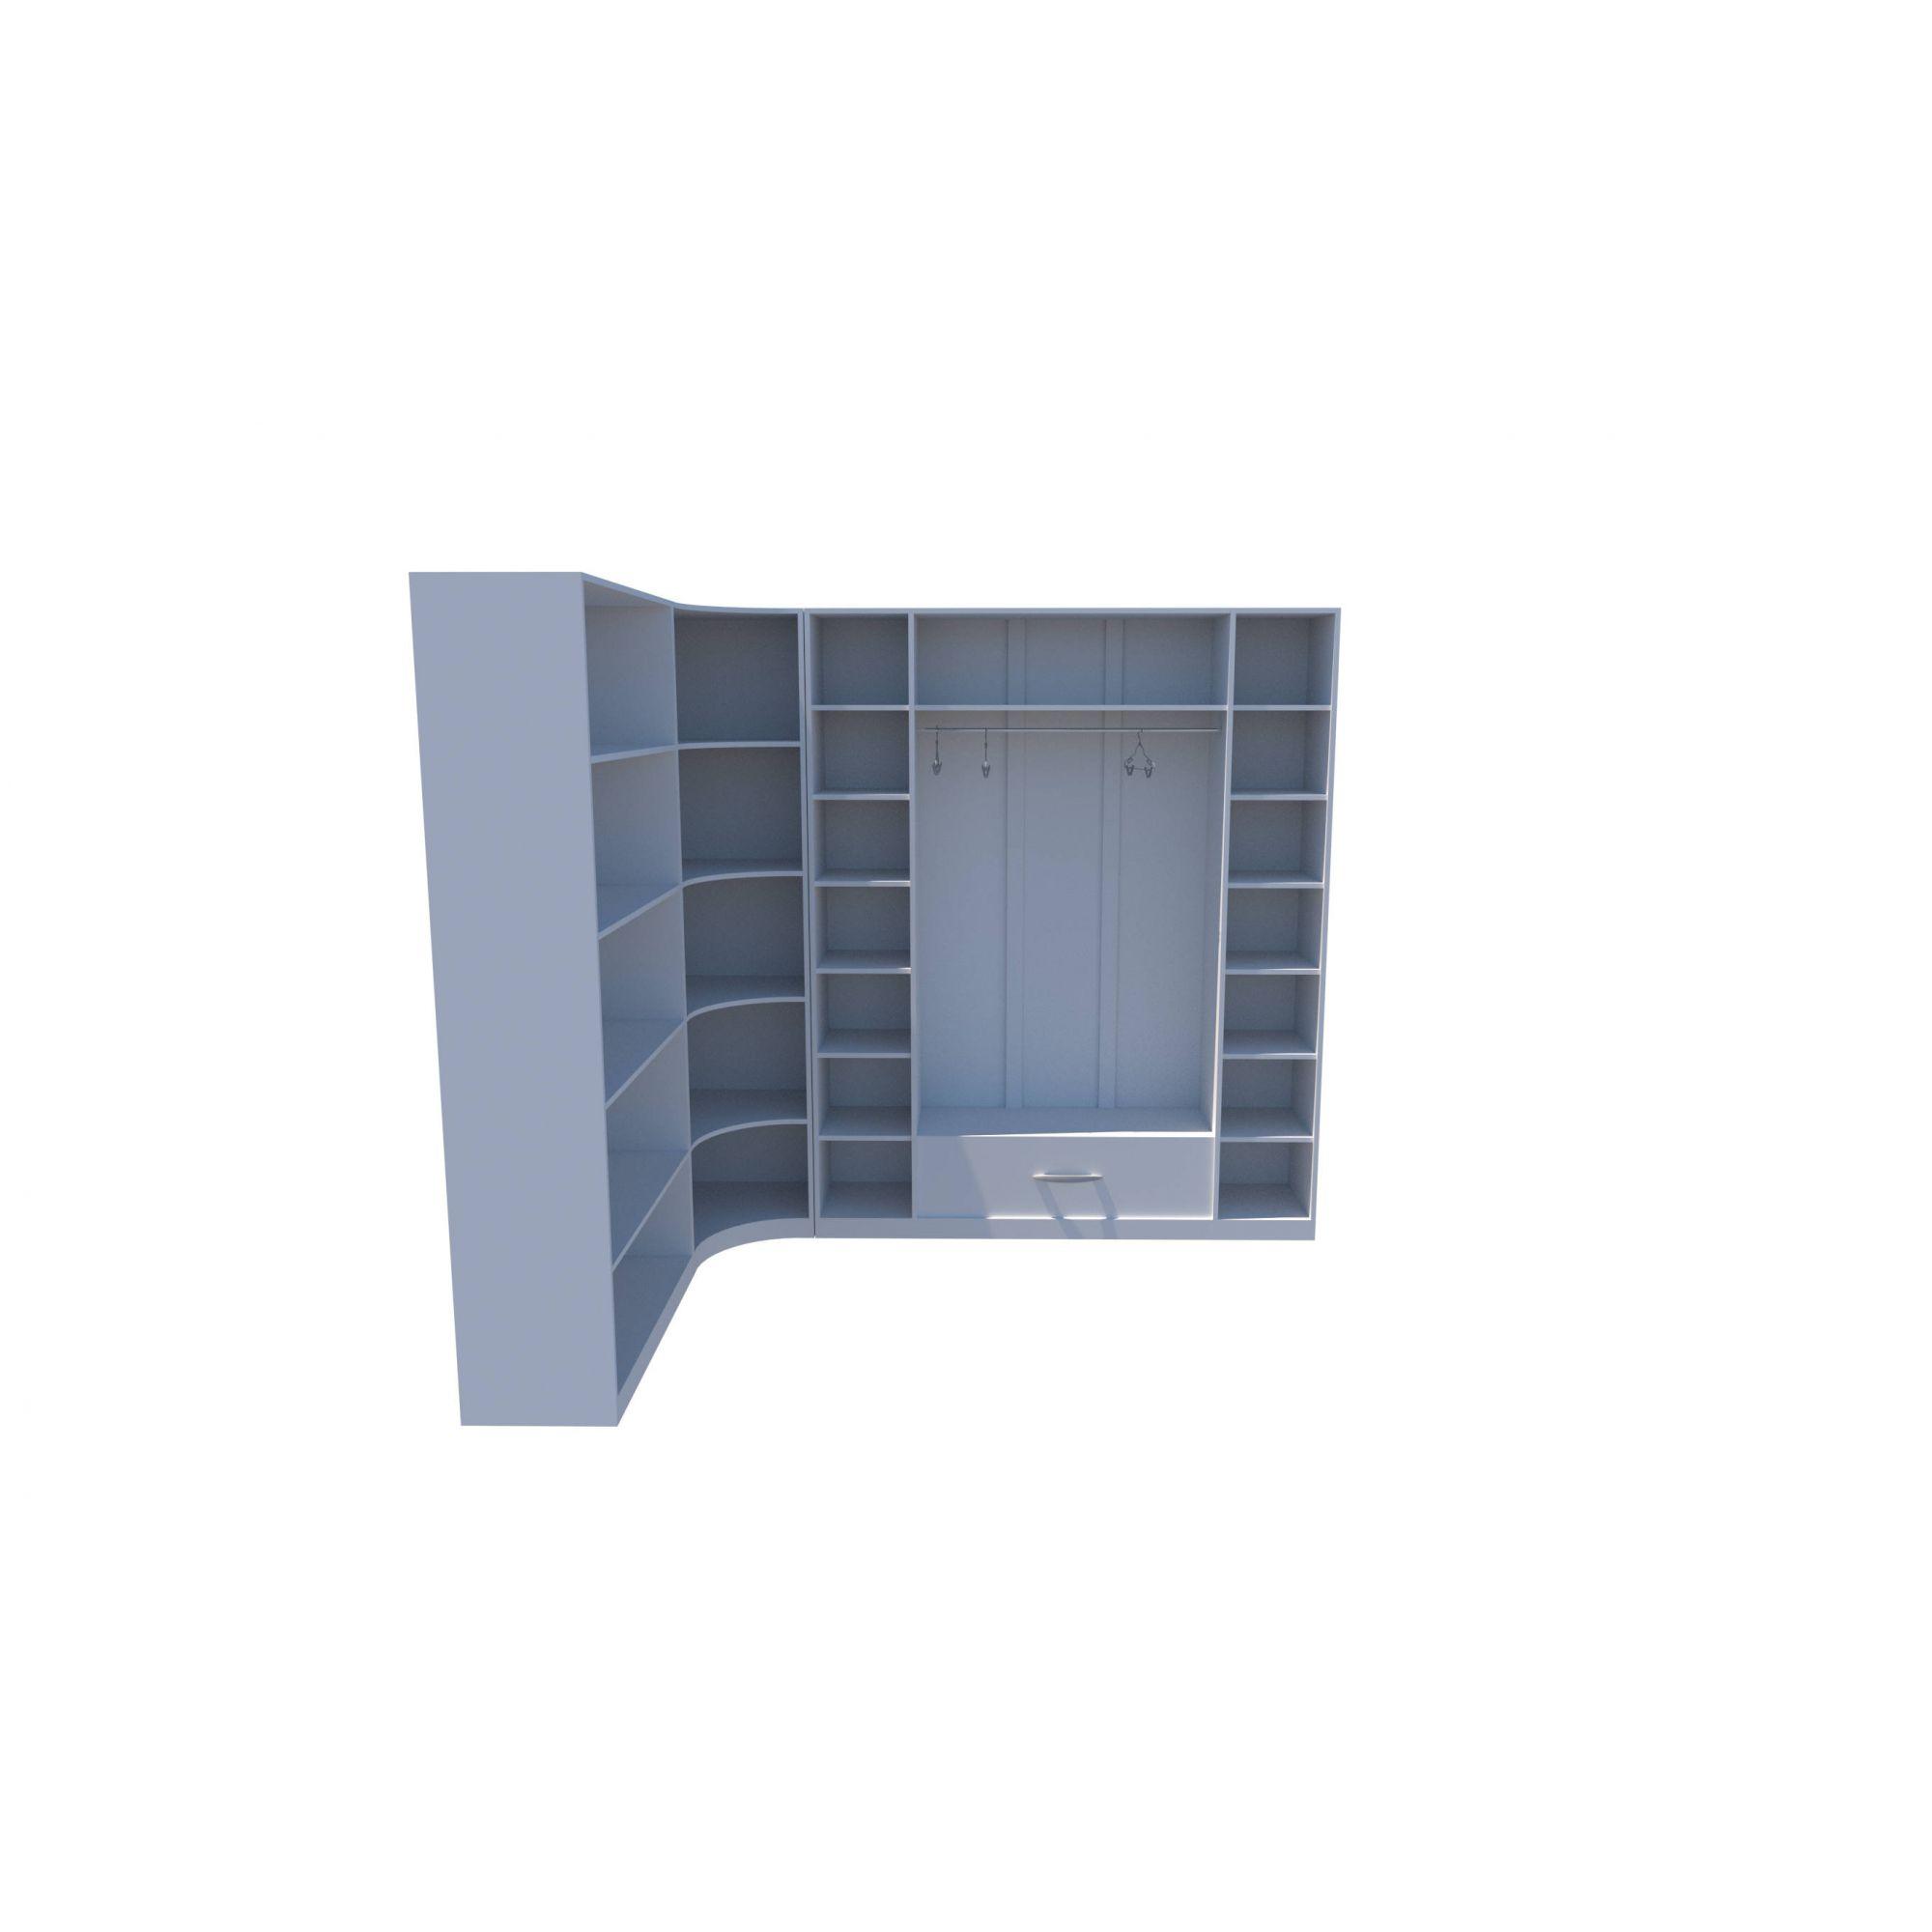 Kit Armário Closet Modulado M2 (colmeia, loja, Expositor, sapateira, roupa, organizador)